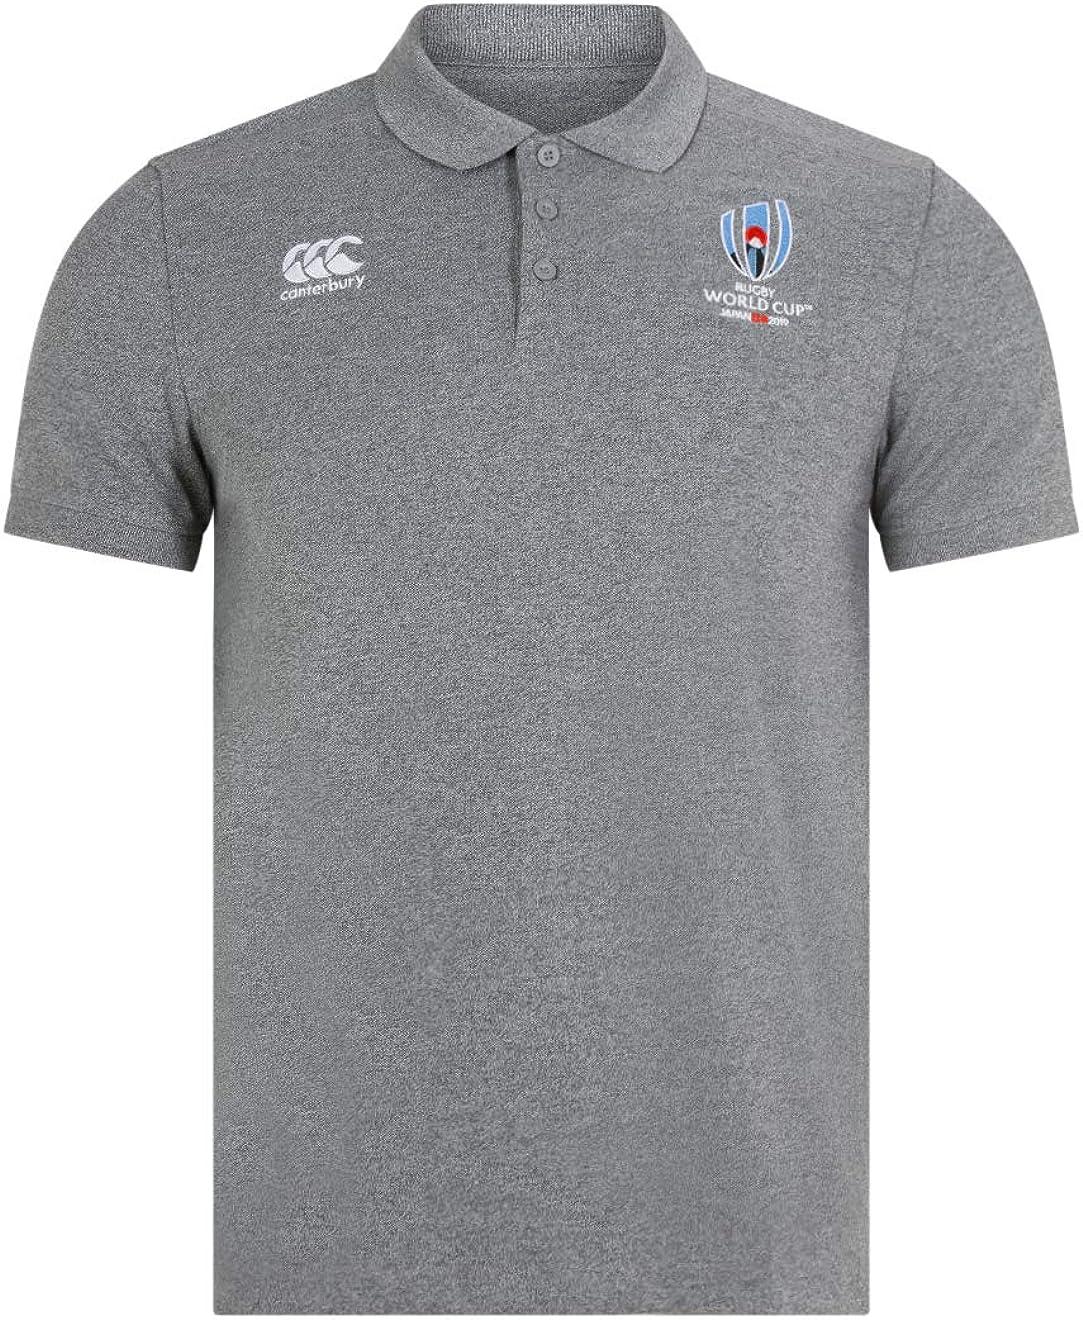 Canterbury Oficial de La Rugby World Cup 2019 - Polo de algodón piqué Hombre: Amazon.es: Ropa y accesorios